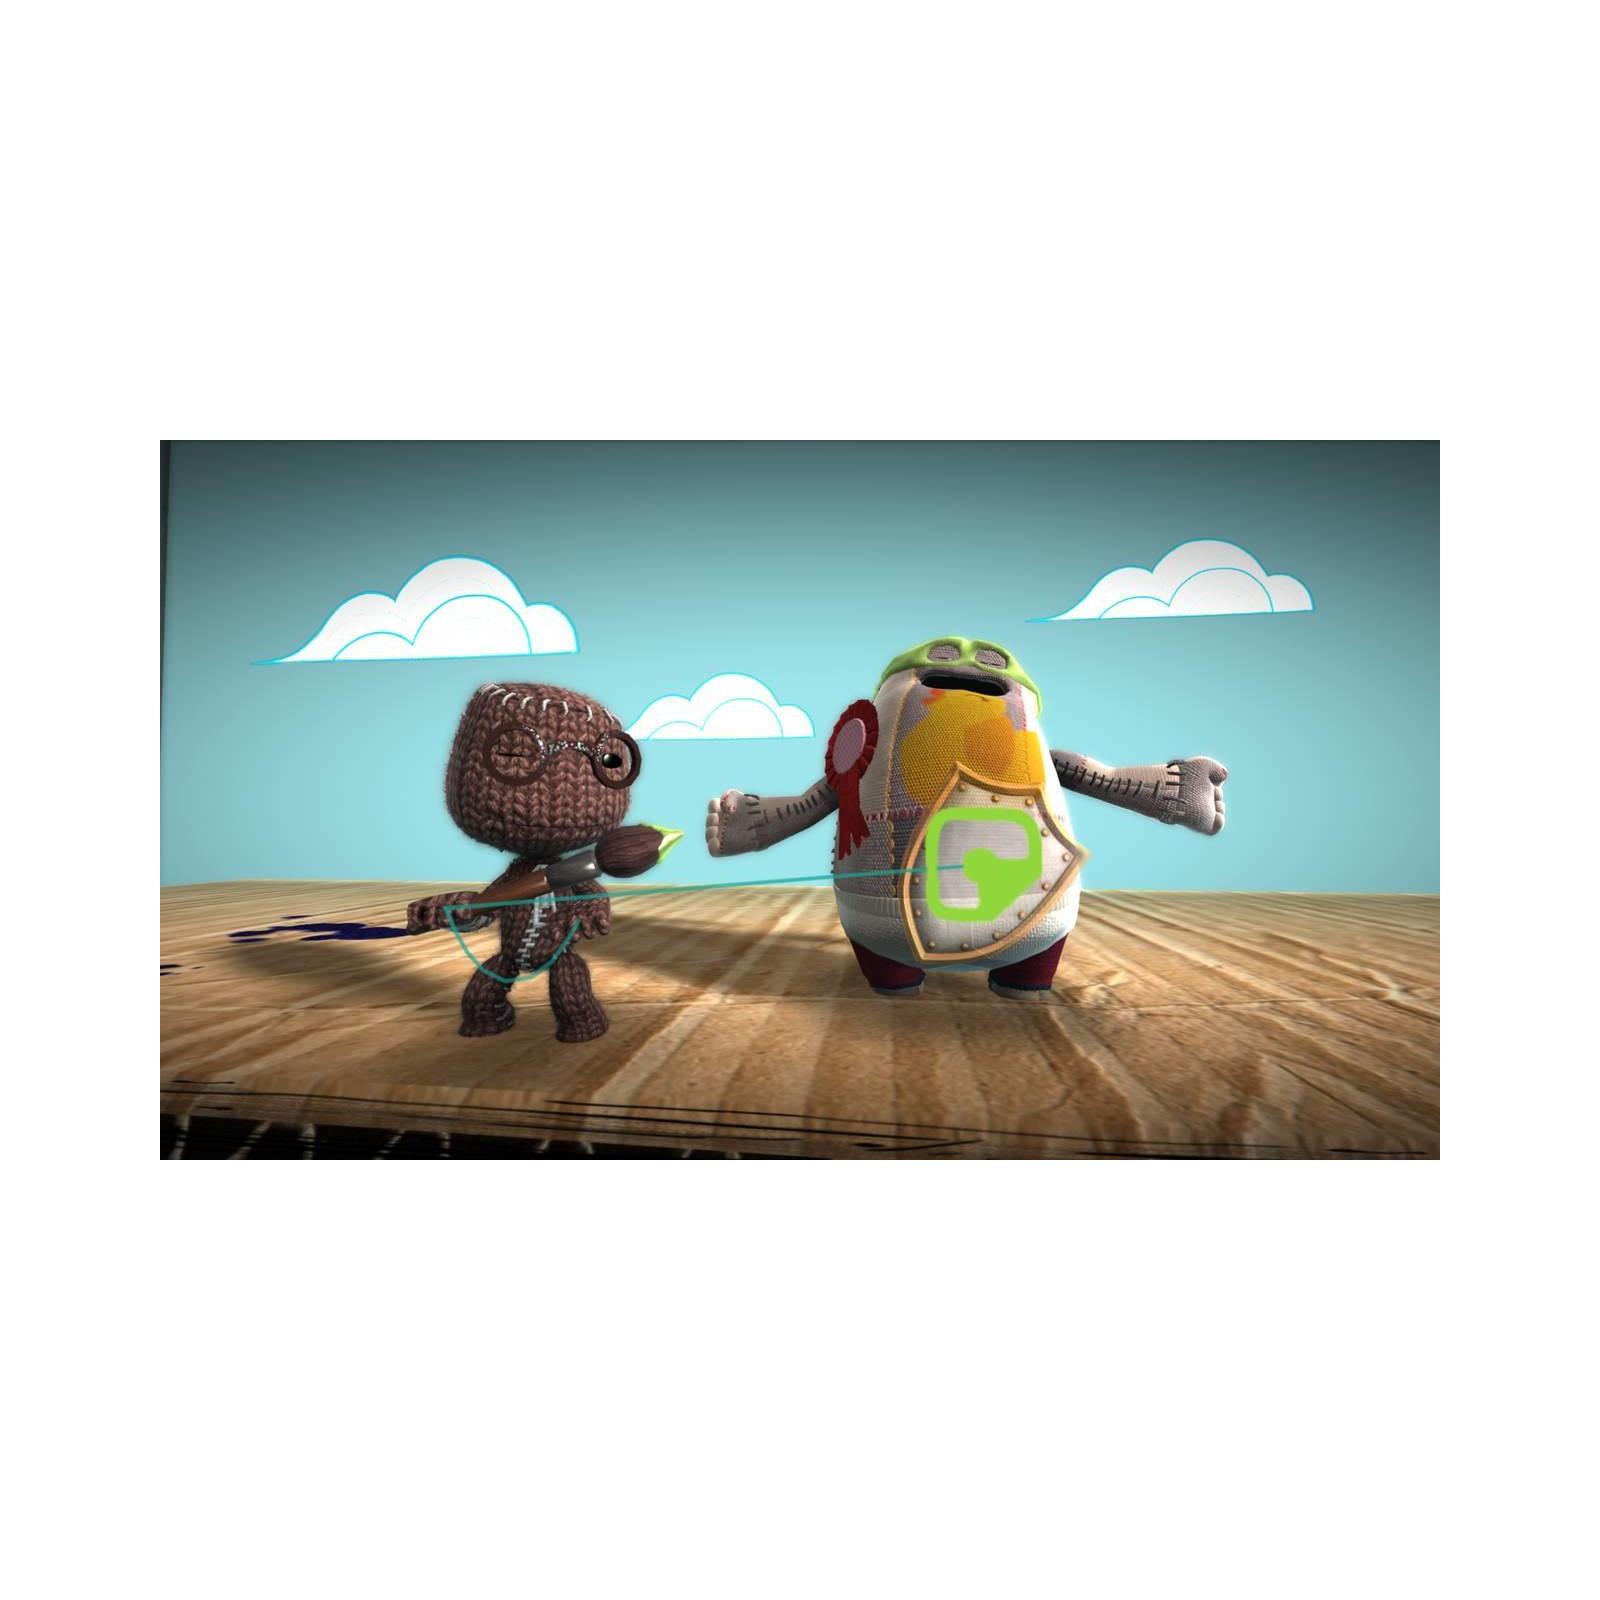 Игра SONY LittleBigPlanet3[PS4,Russianversion]Blu-ray диск (9424871) изображение 2